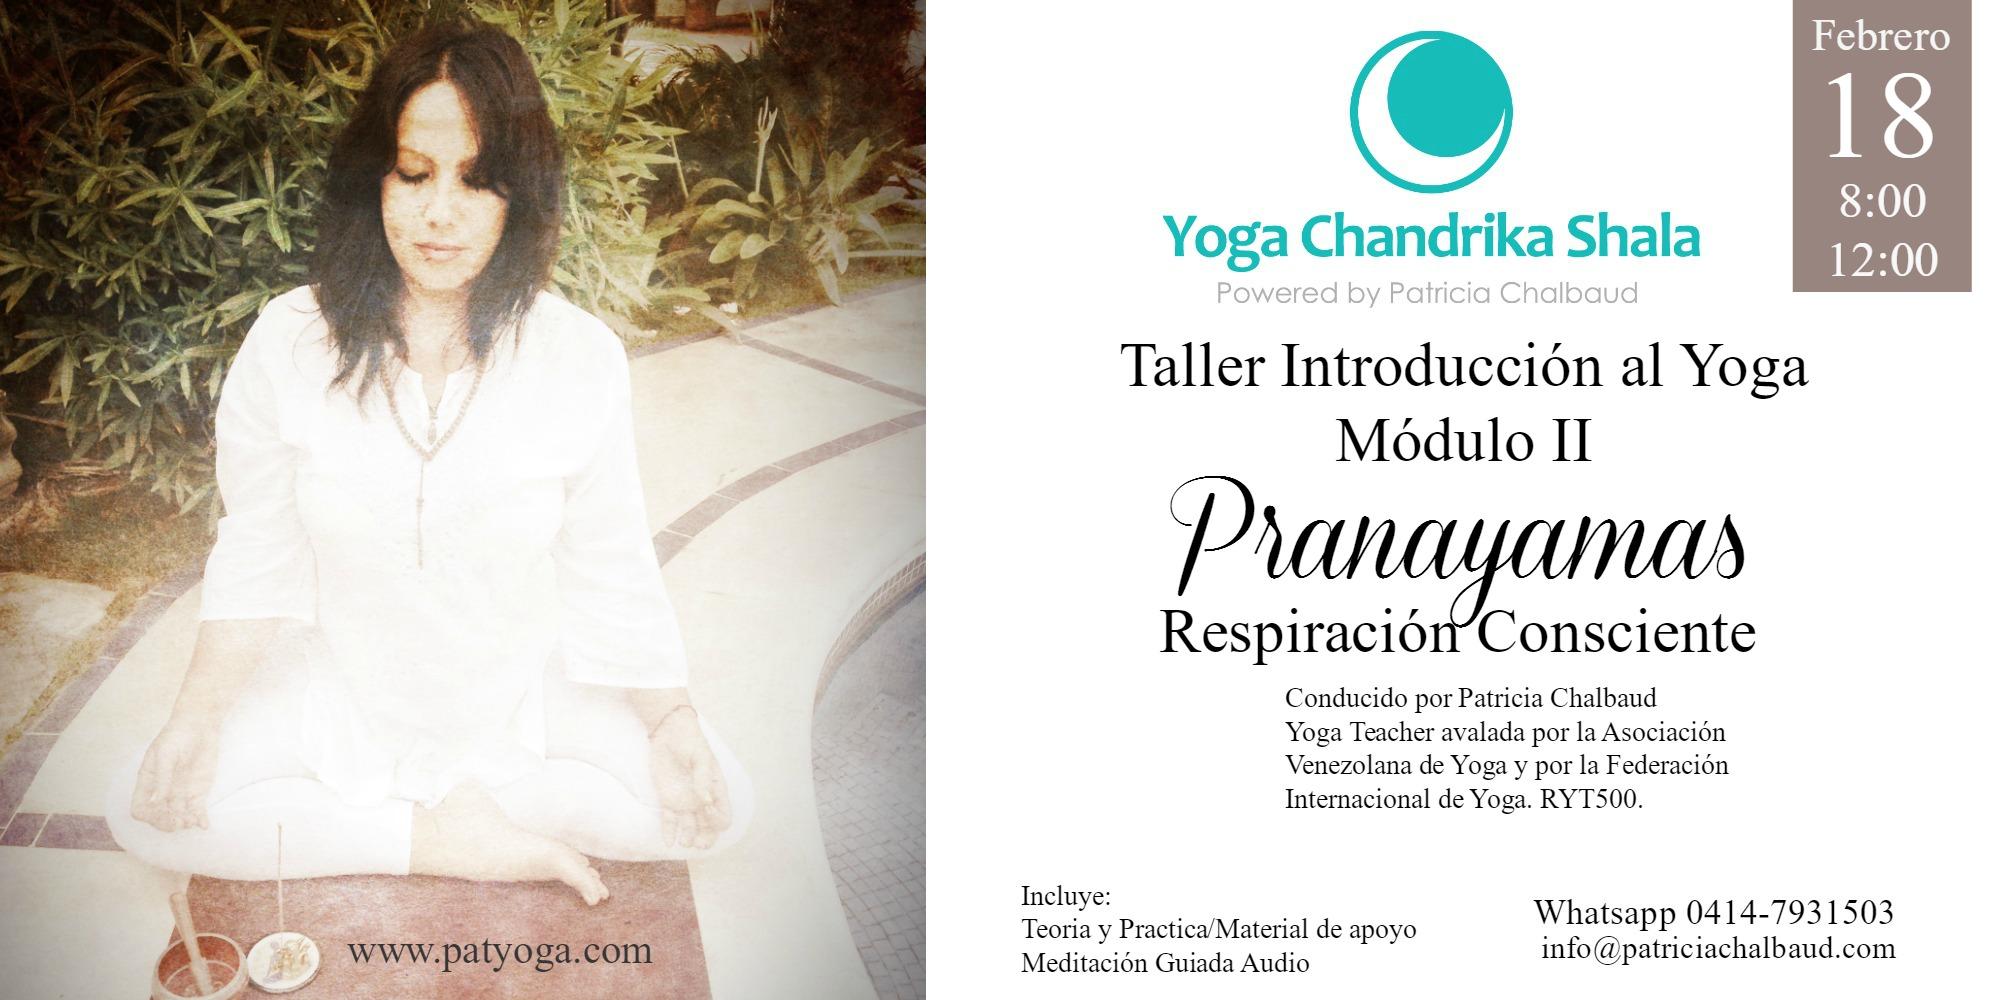 Taller Introducción al Yoga: Módulo II Pranayamas